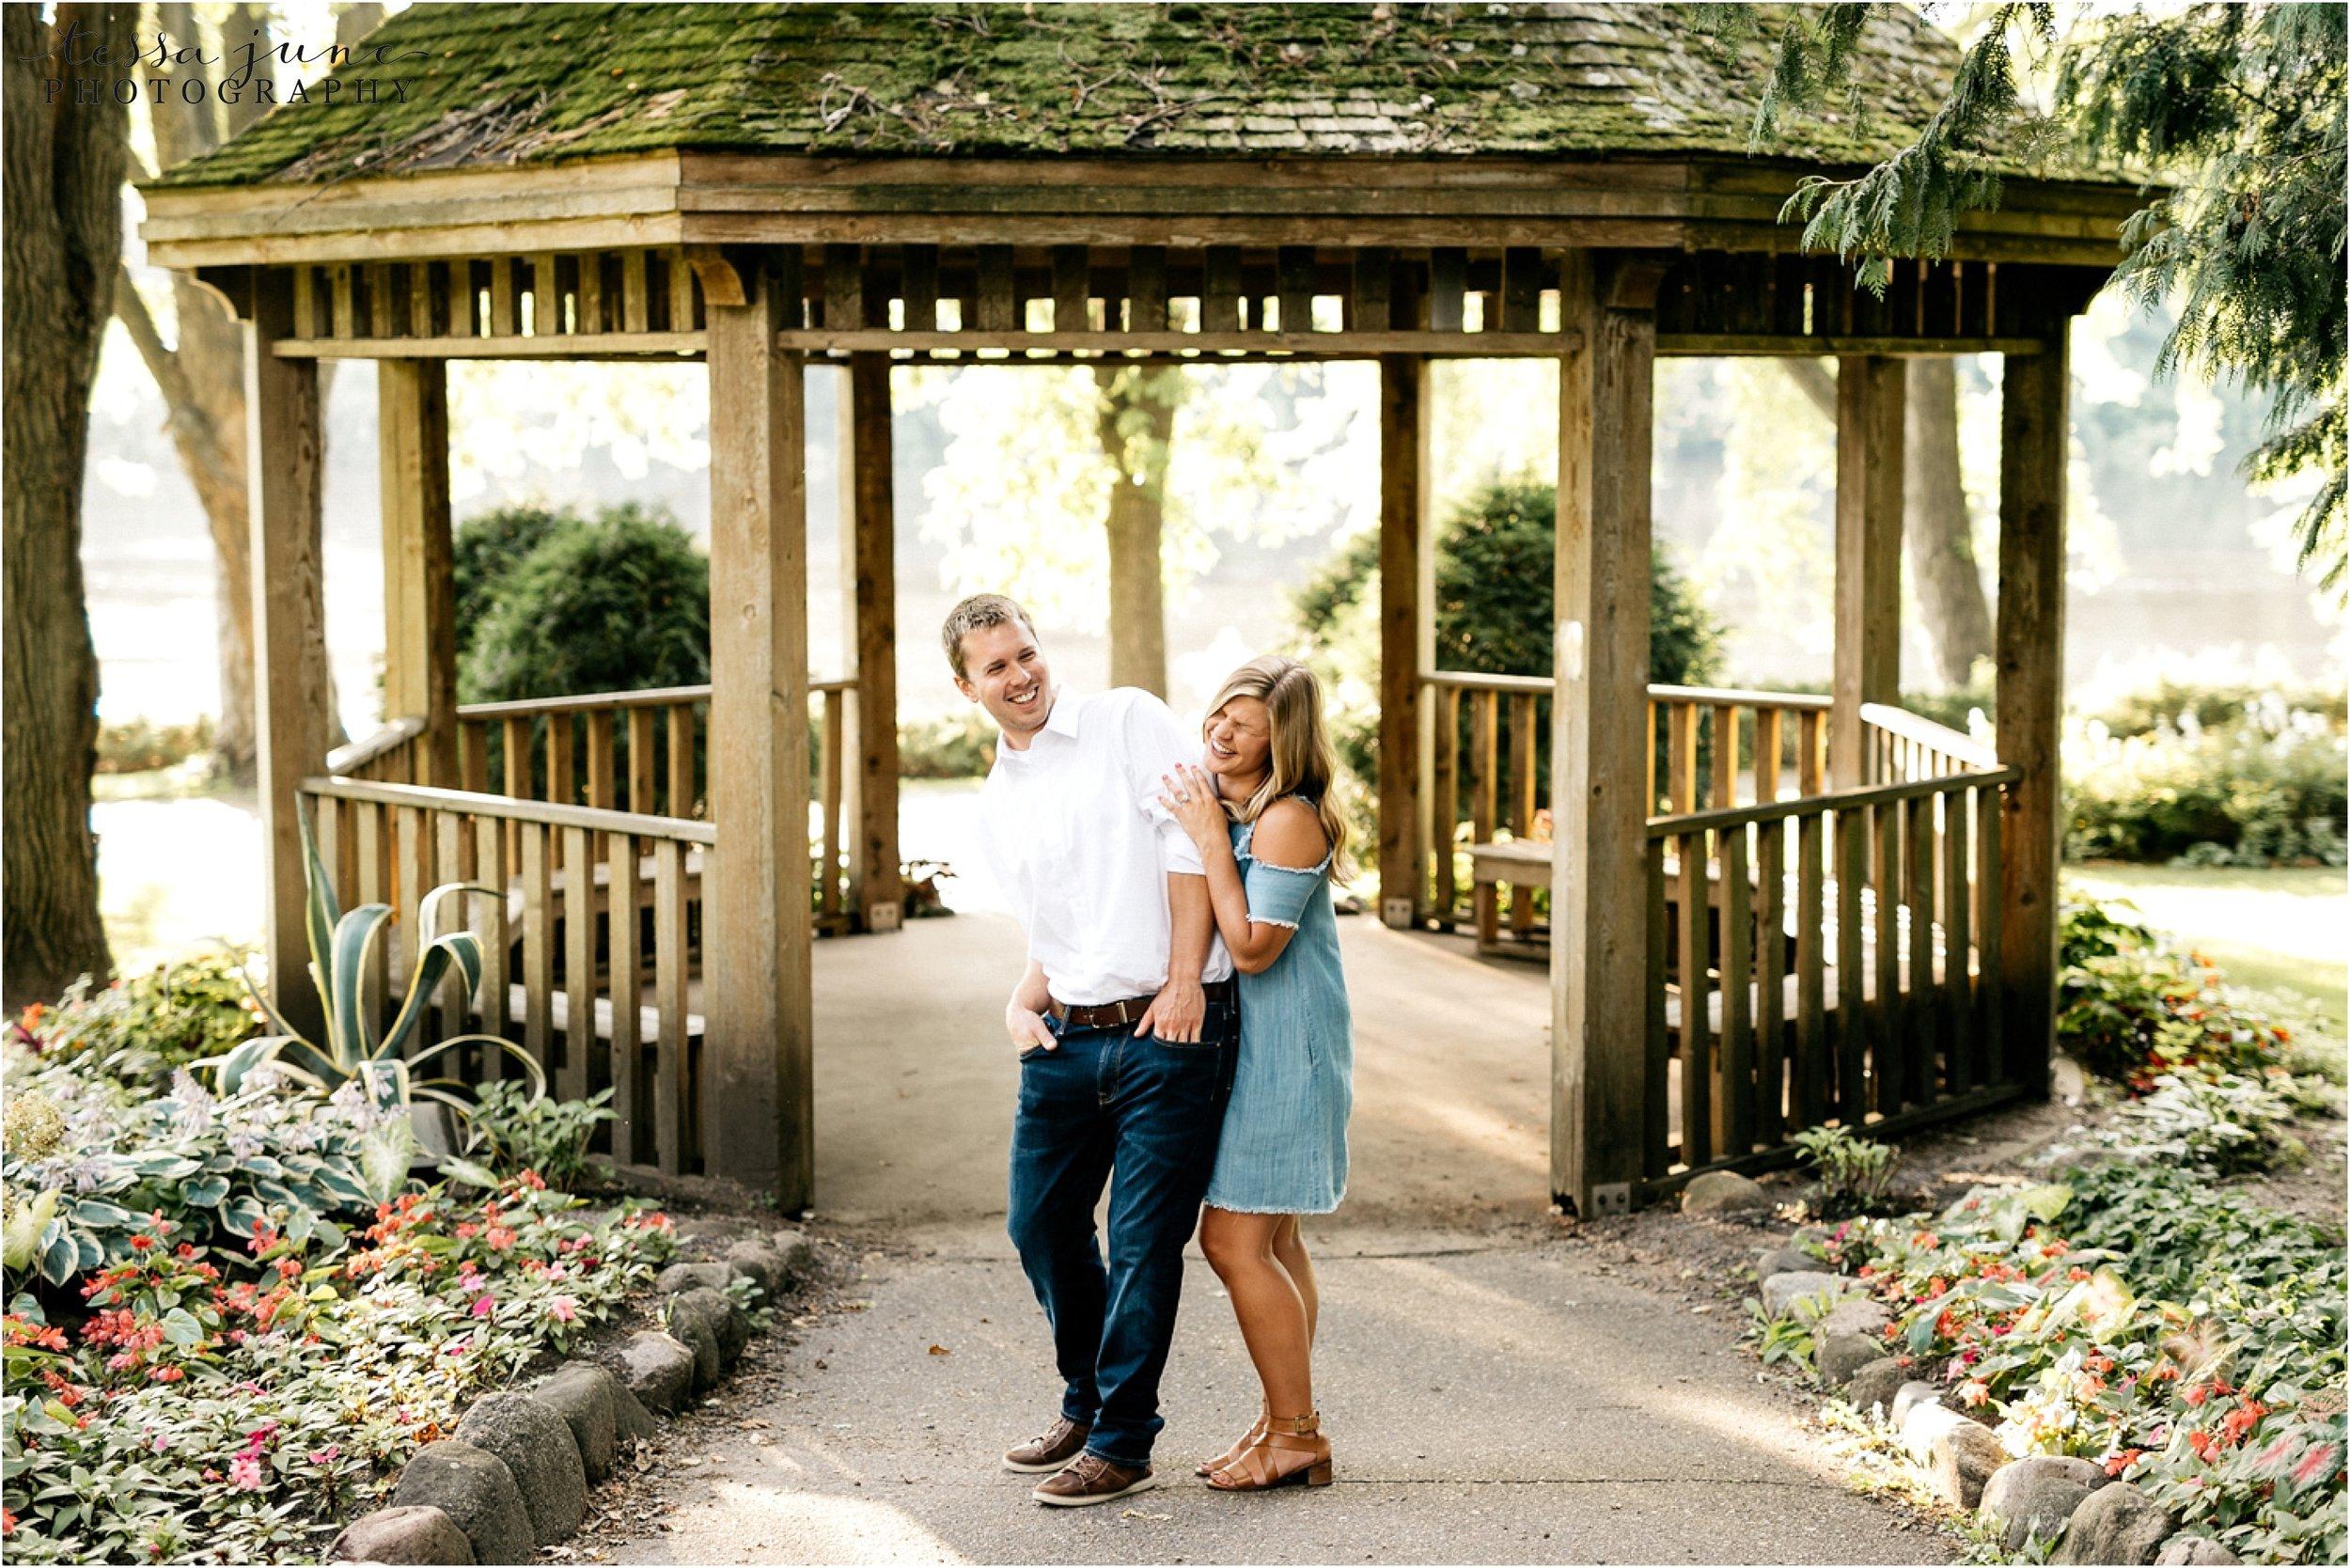 st-cloud-wedding-photographer-tessa-june-photography-munsinger-garden-engagement-18.jpg